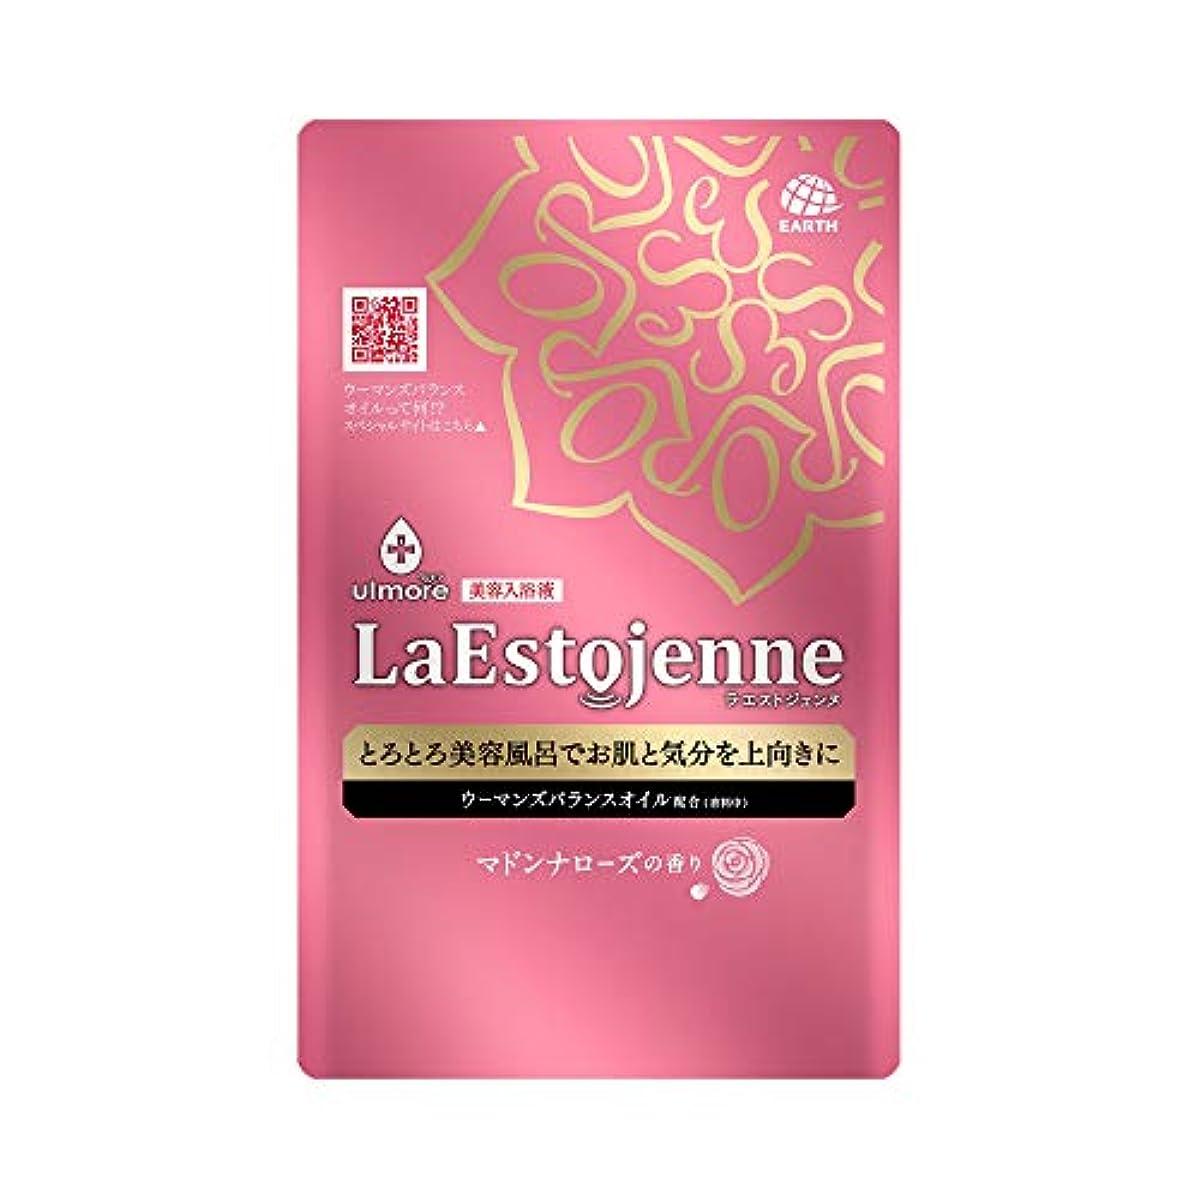 自然びっくりしたプログラムウルモア ラエストジェンヌ 入浴剤 マドンナローズの香り [160ml x 1包入り]